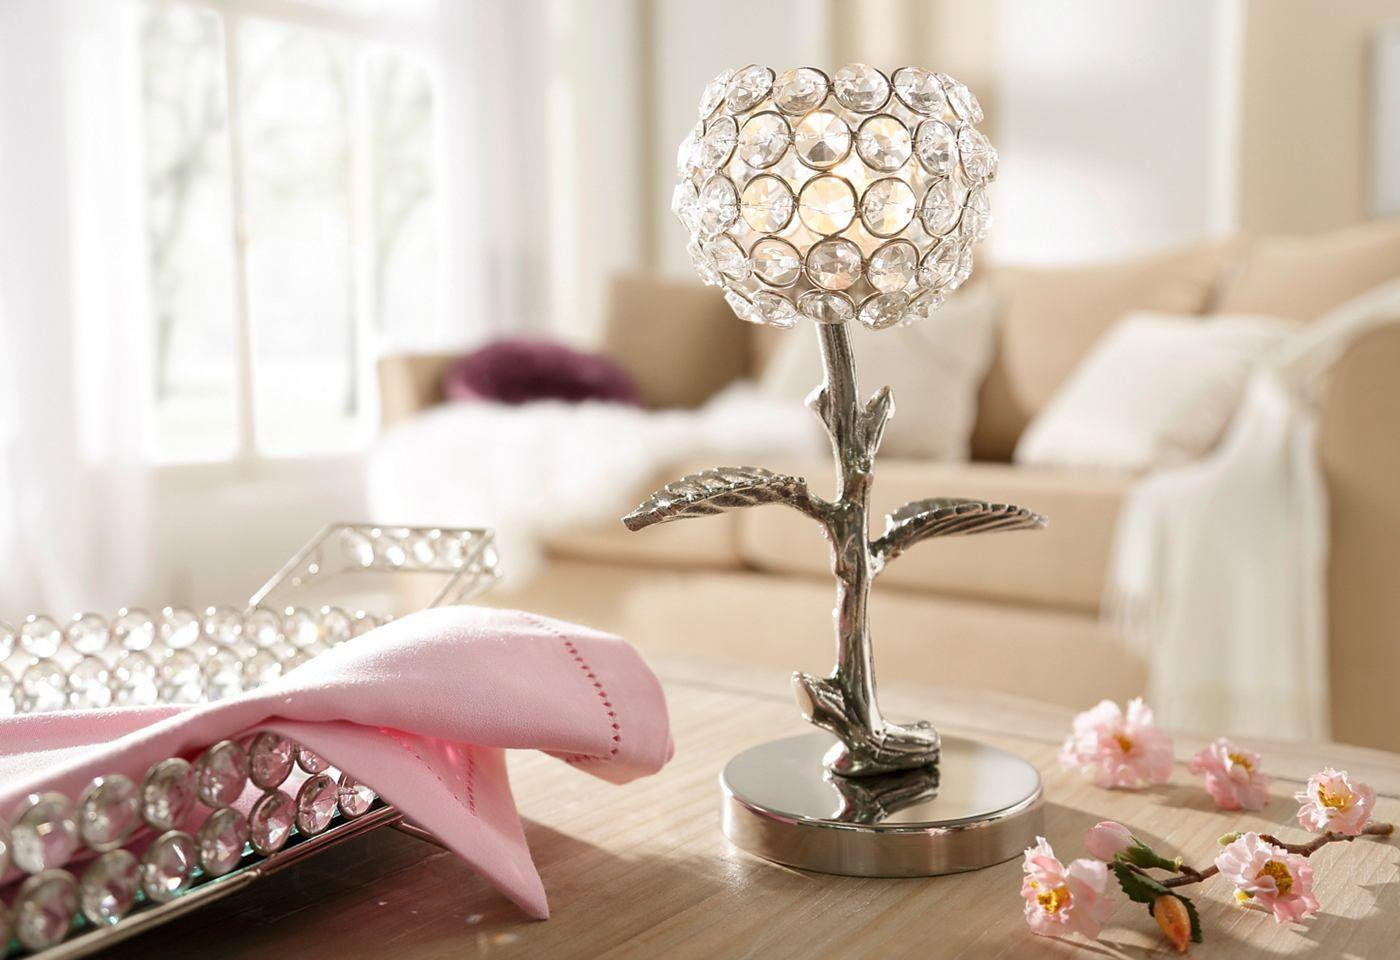 Artikeldetails:  Eleganter Kerzenhalter, Für ein Teelicht,  Maße:  Maße (Ø/H): 10/23,5 cm,  Material/Qualität:  Kristallglas und Aluminium,  ...